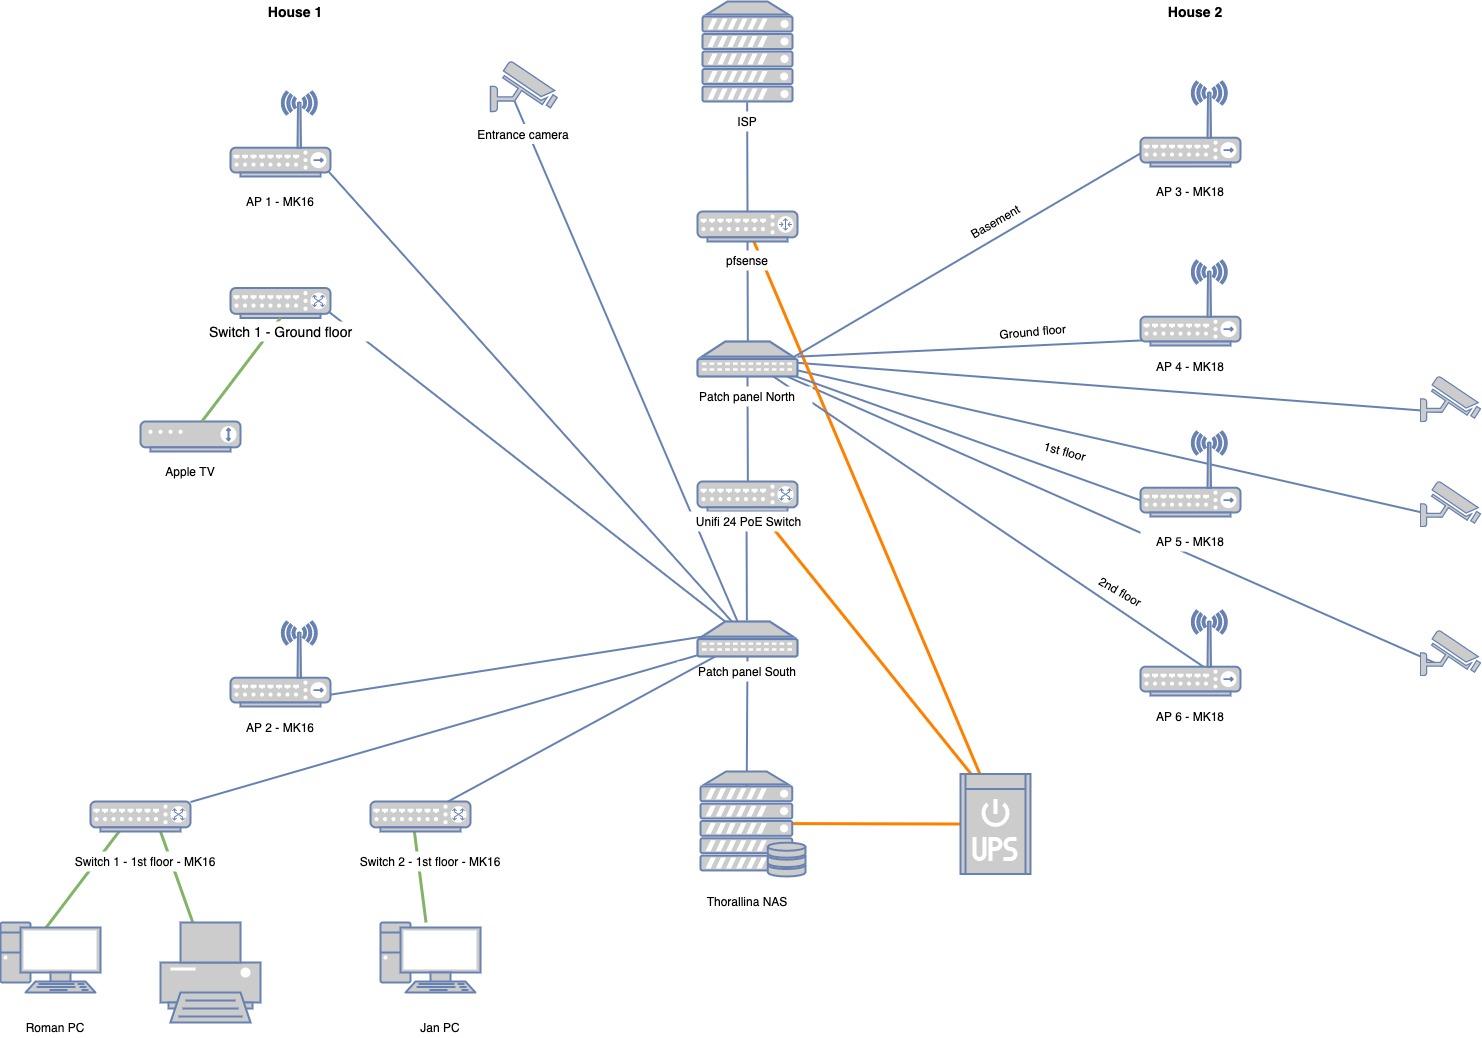 Initial Network Diagram